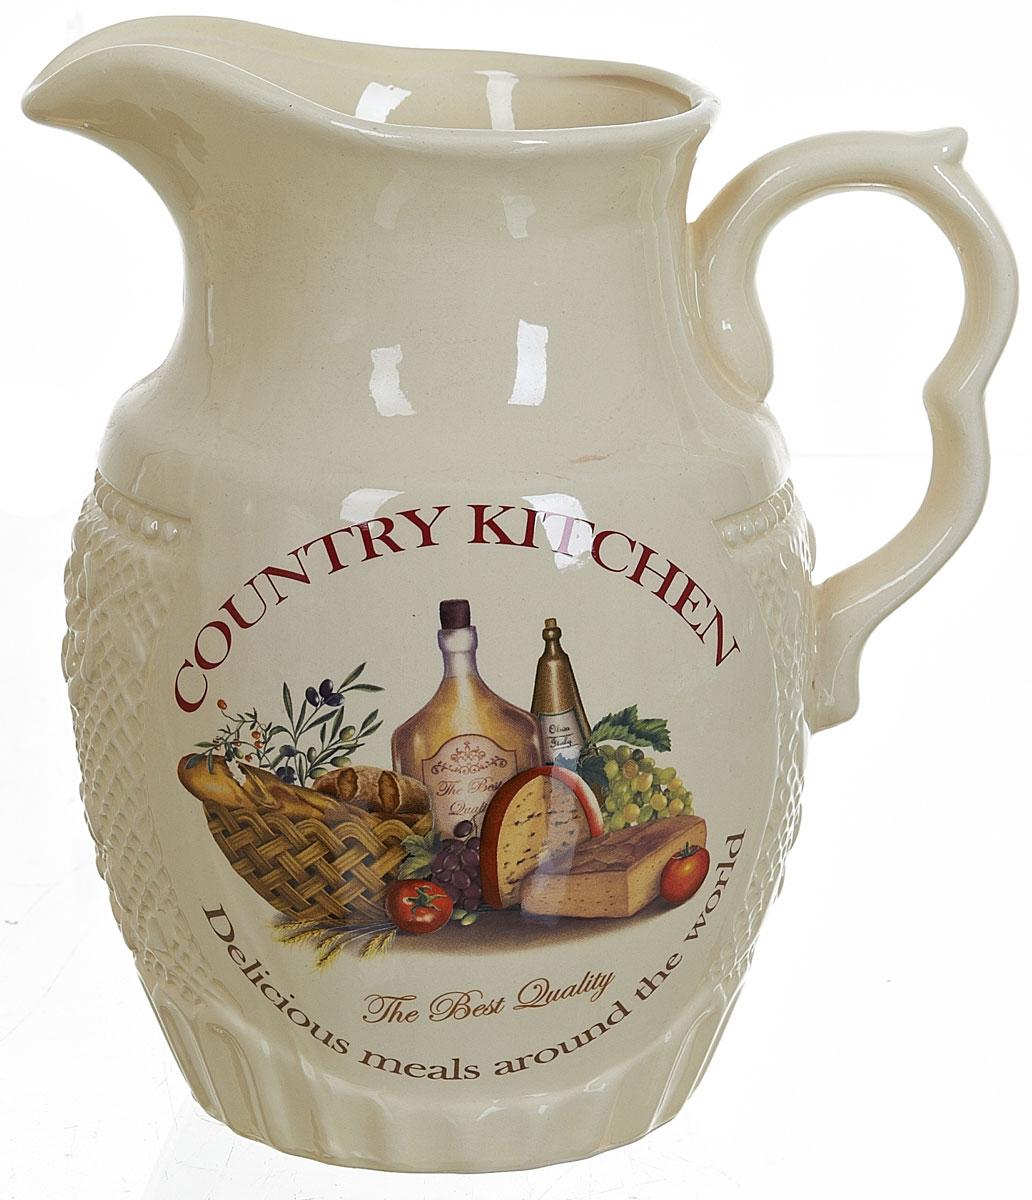 Кувшин Polystar Country Kitchen, 1,835 лL0210038Кувшин Country Kitchen изготовлен из высококачественной керамики с оригинальным рисунком. Кувшин оснащен удобной ручкой. Прекрасно подходит для подачи воды, сока, компота и других напитков. В подарочной упаковке. Изящный кувшин красиво оформит стол и порадует вас элегантным дизайном и простотой ухода.